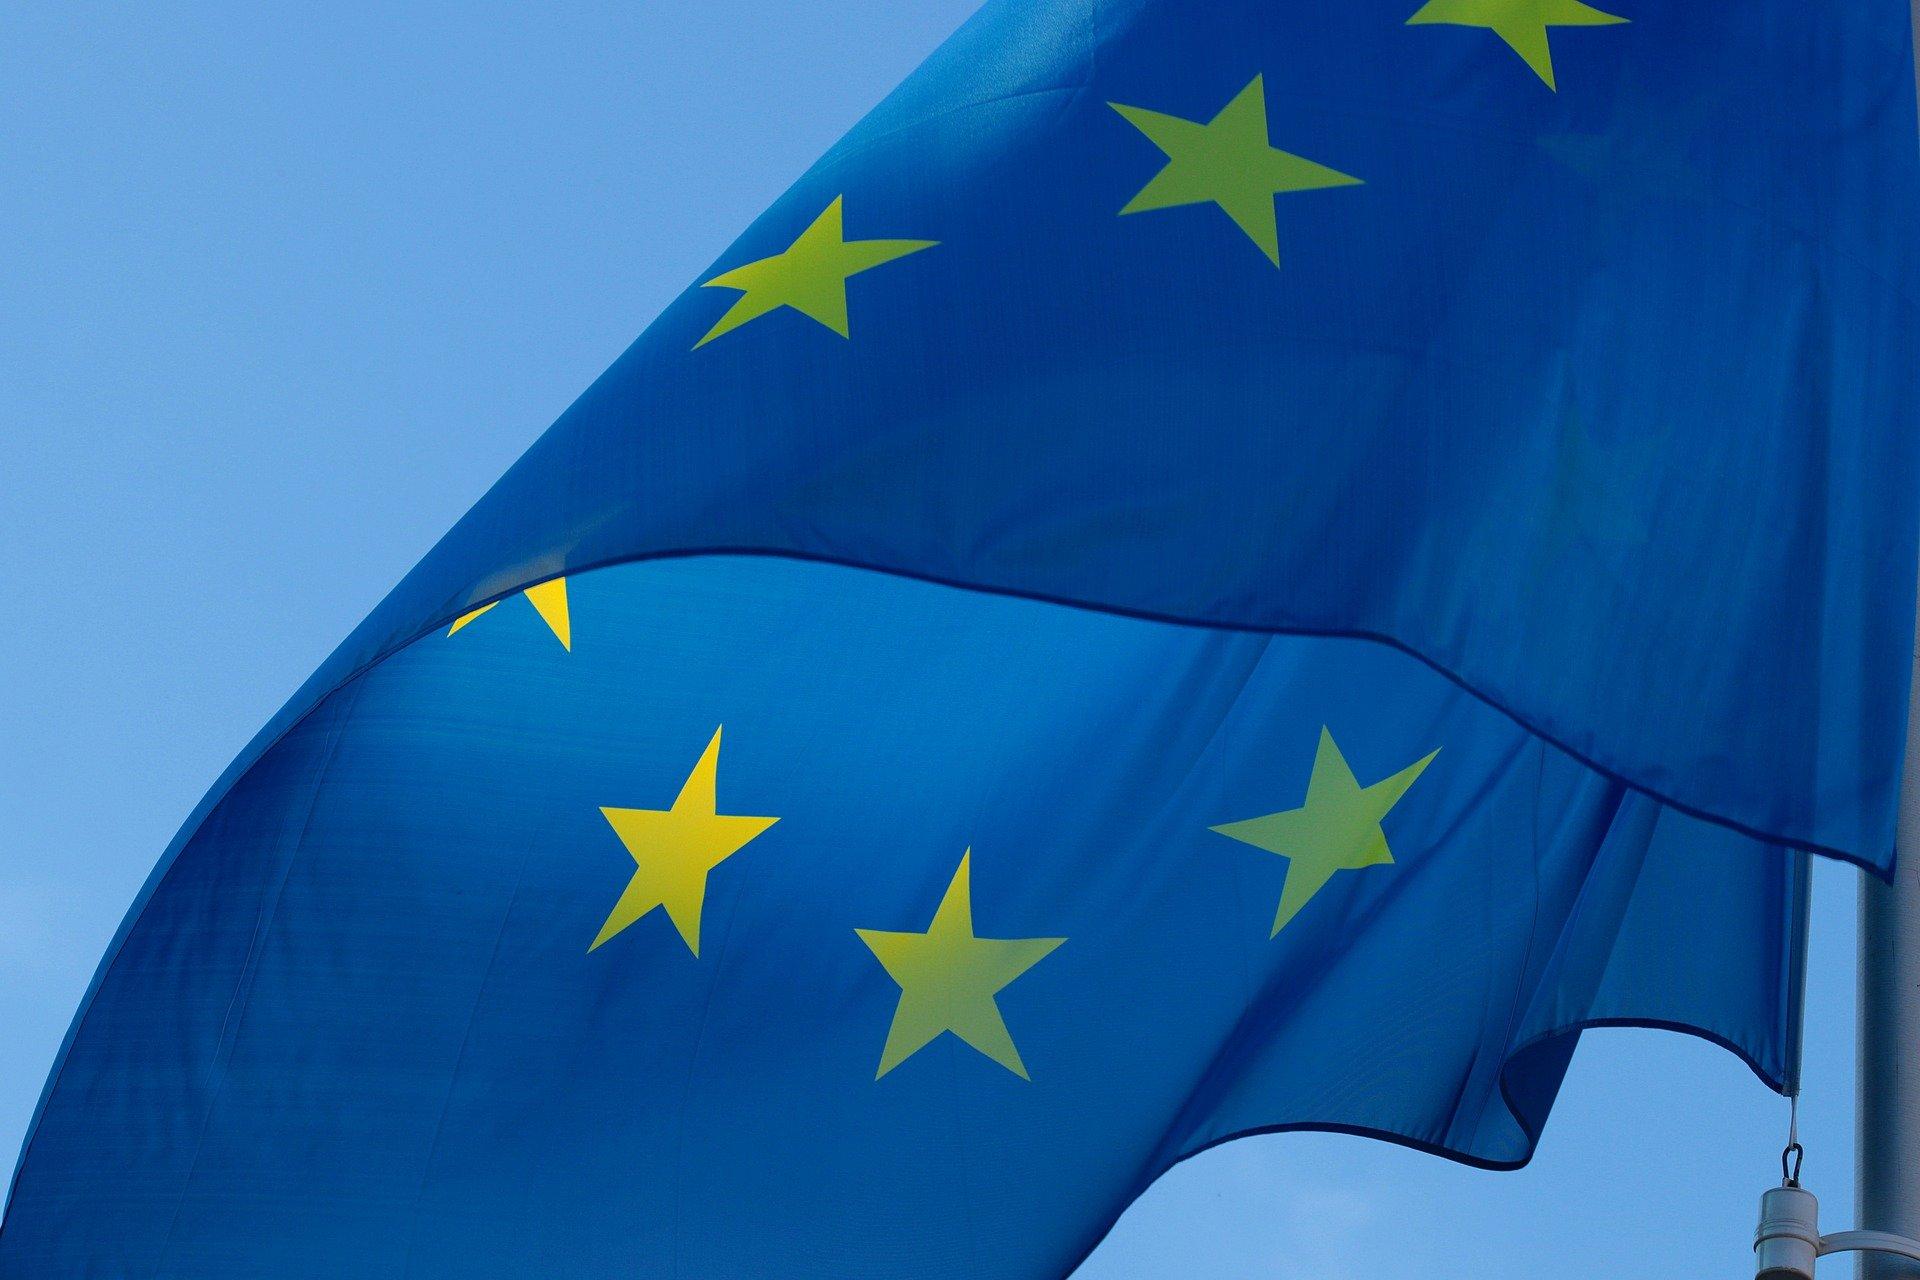 Finalement, le processus de normalisation reste à l'échelle européenne